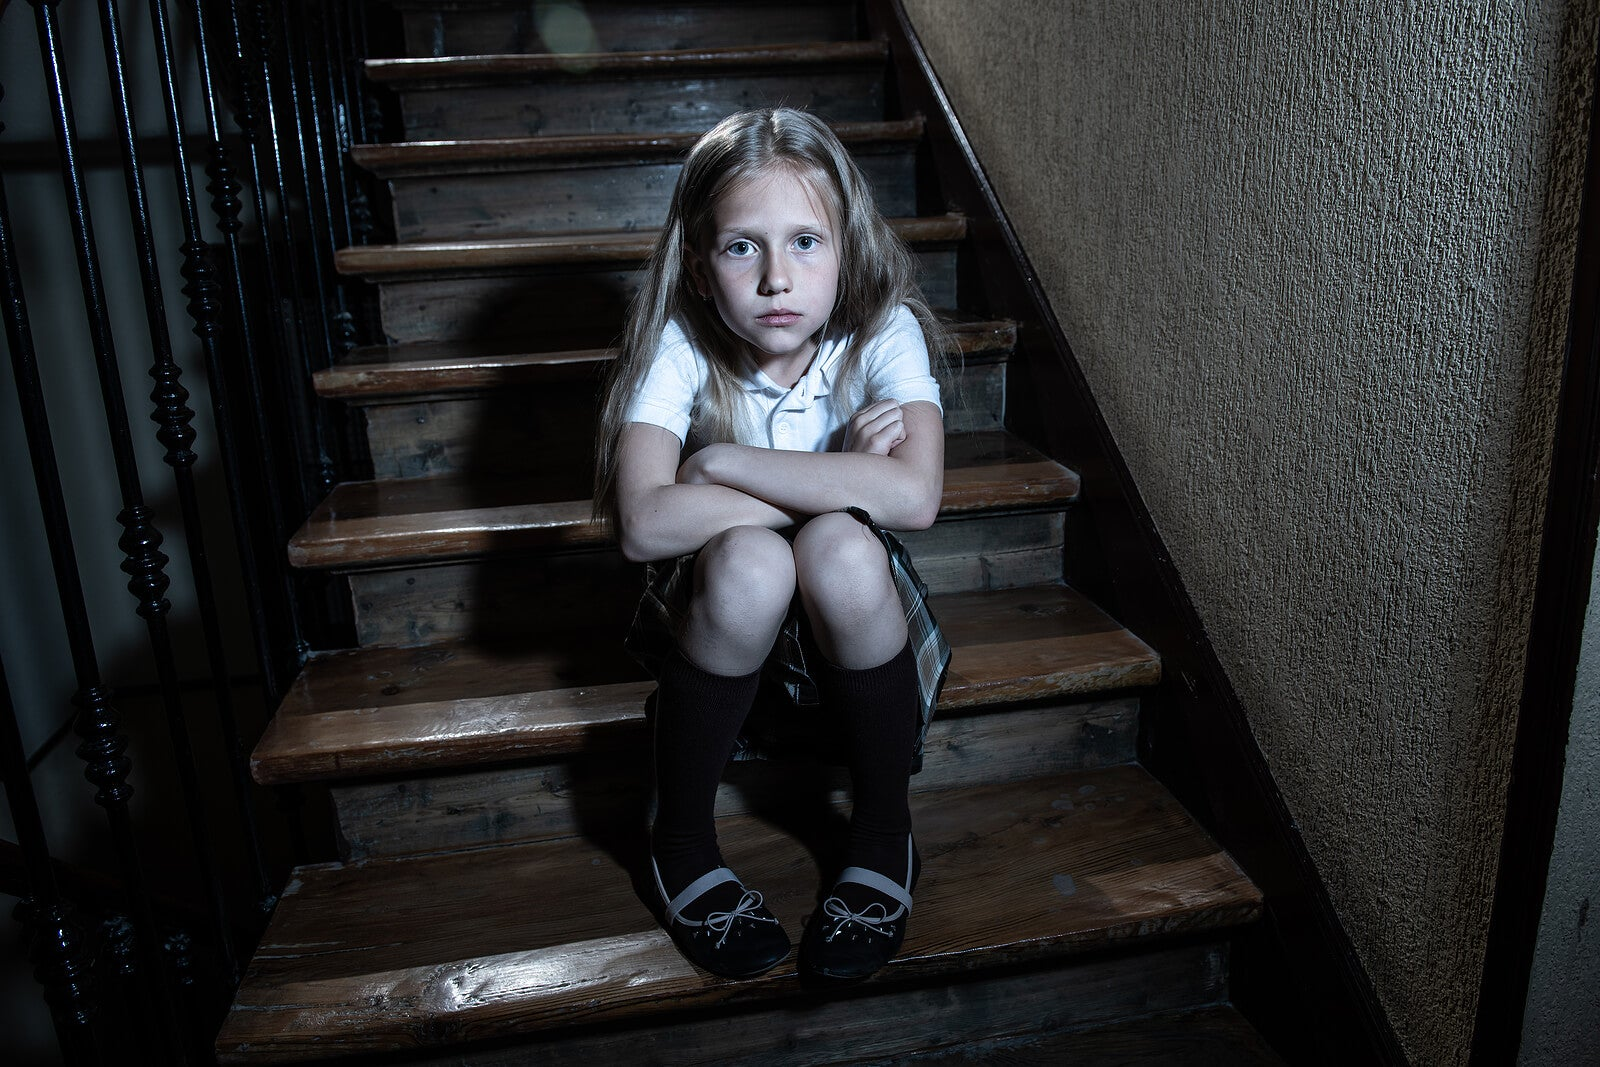 Niña sentada en la escalera de casa con el uniforme de la escuela porque no quiere ir al colegio.